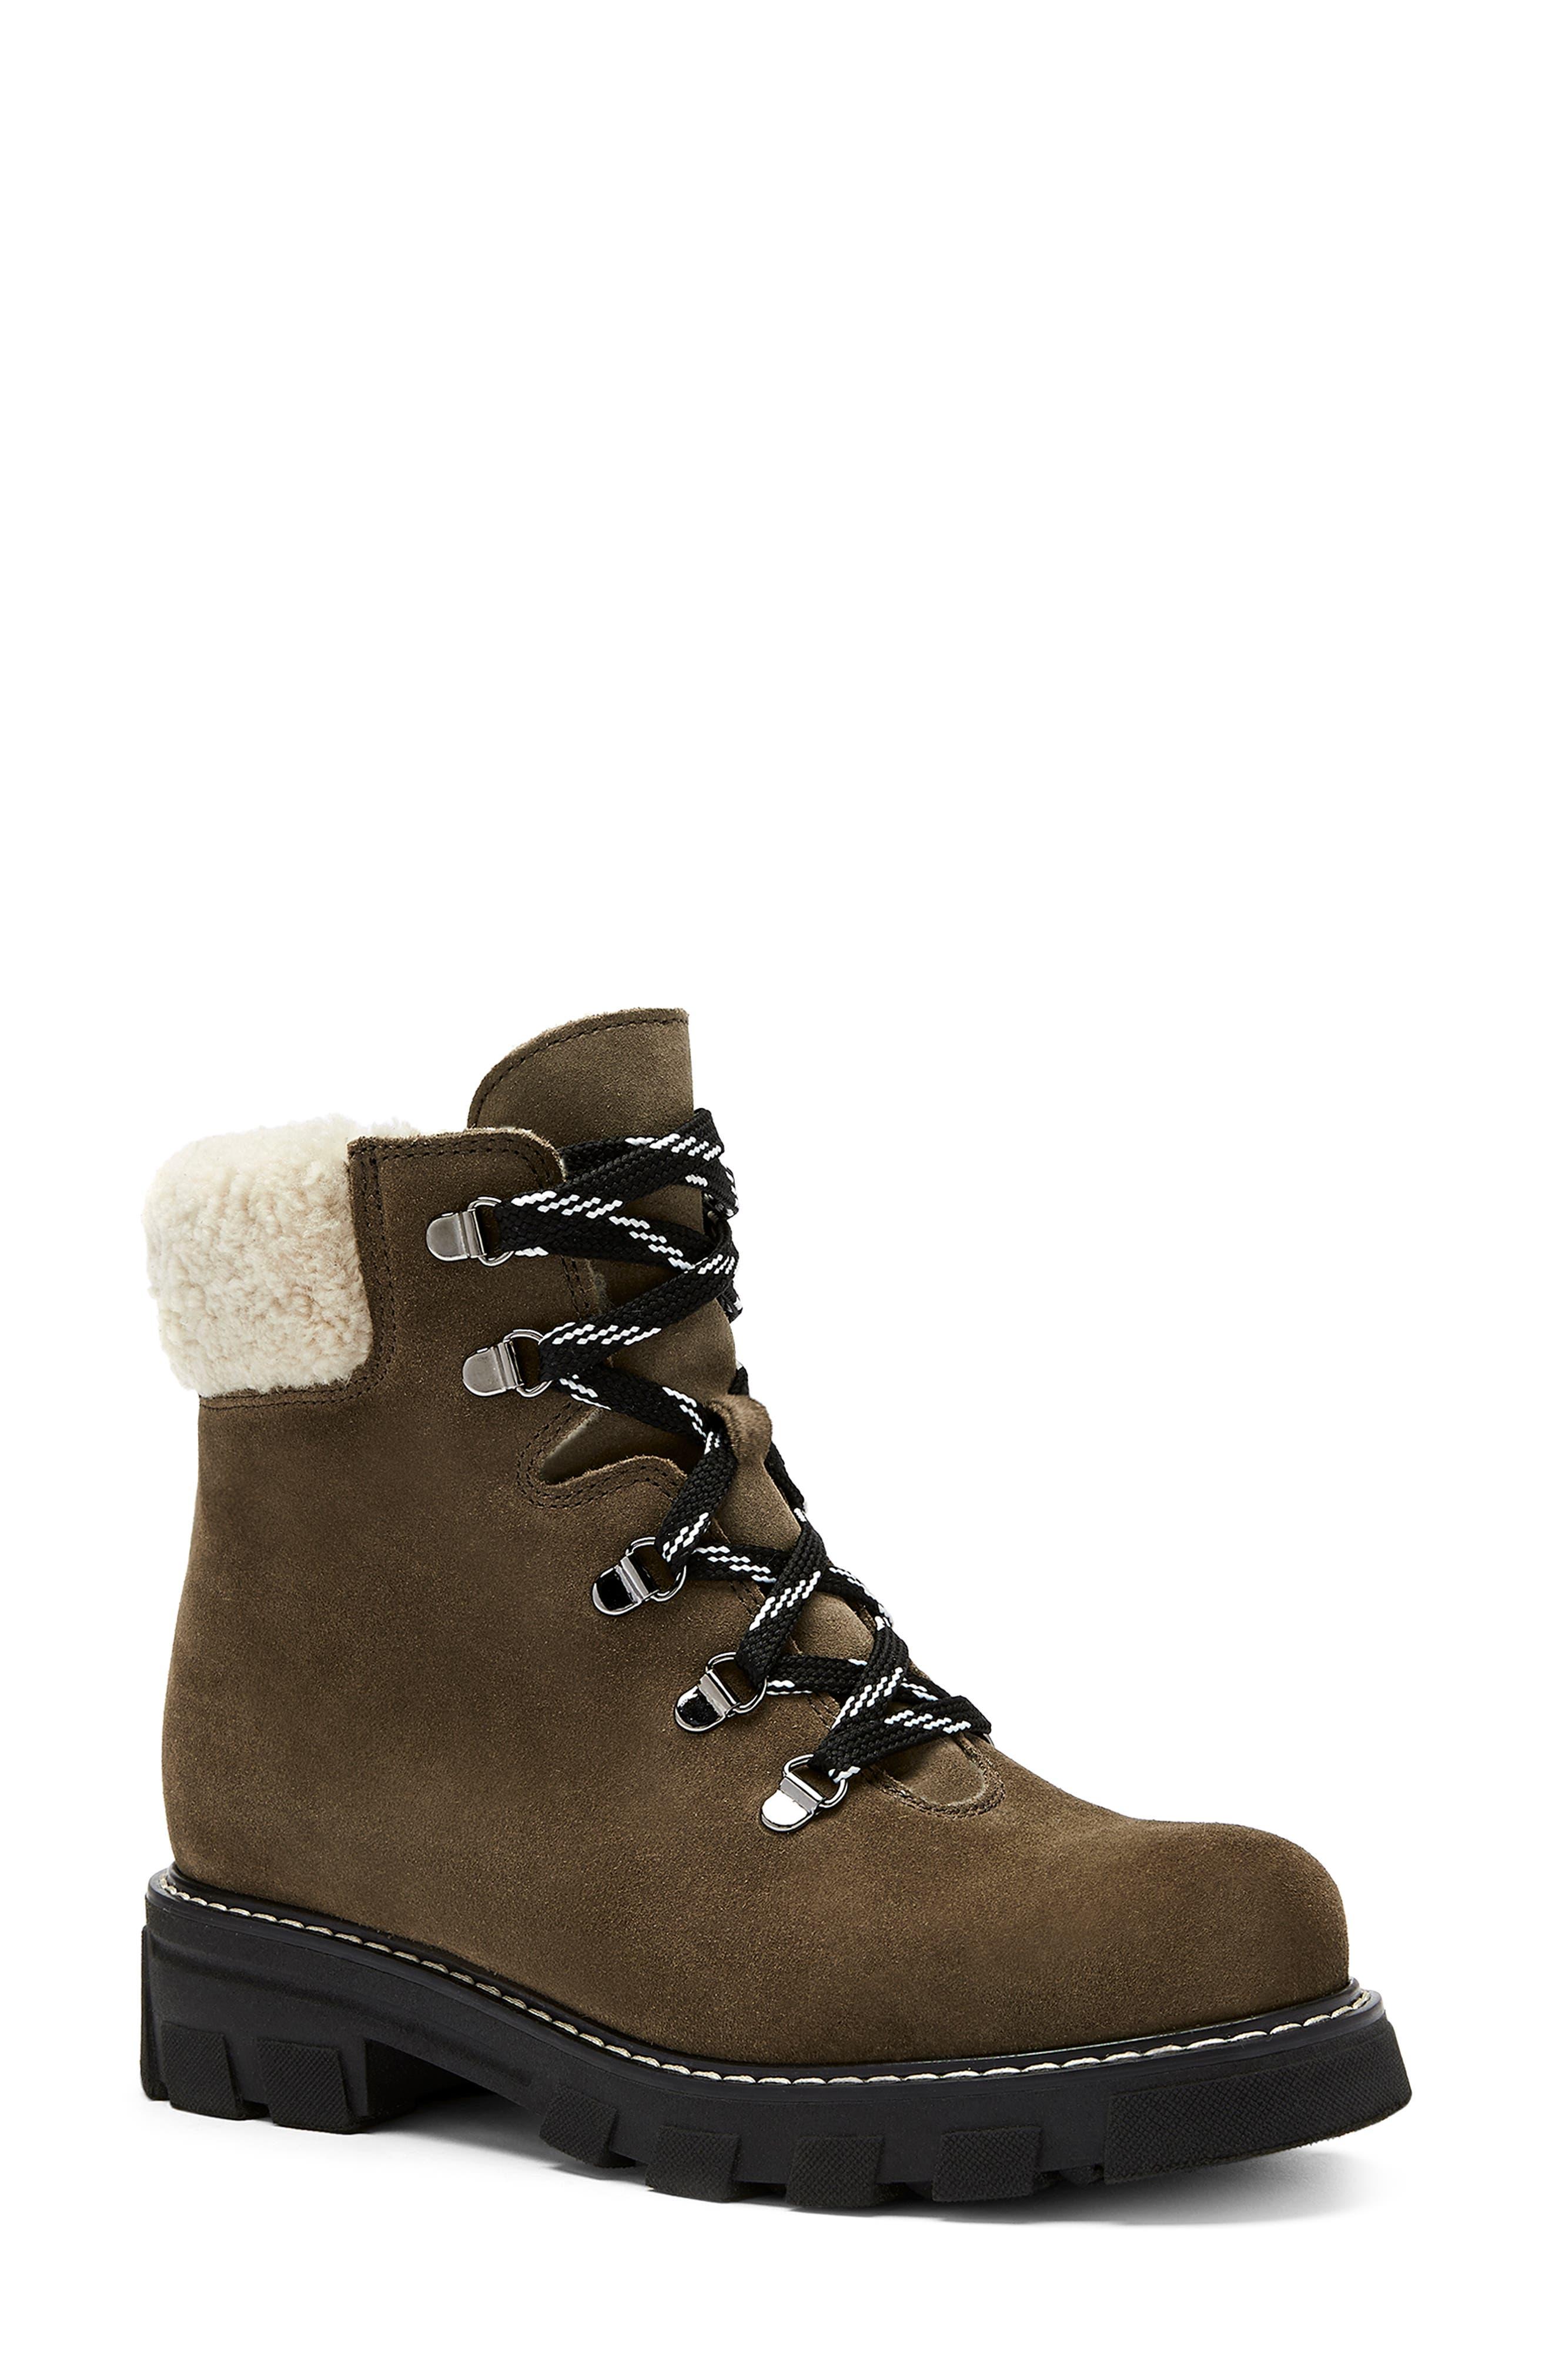 Adams Waterproof Hiker Boot